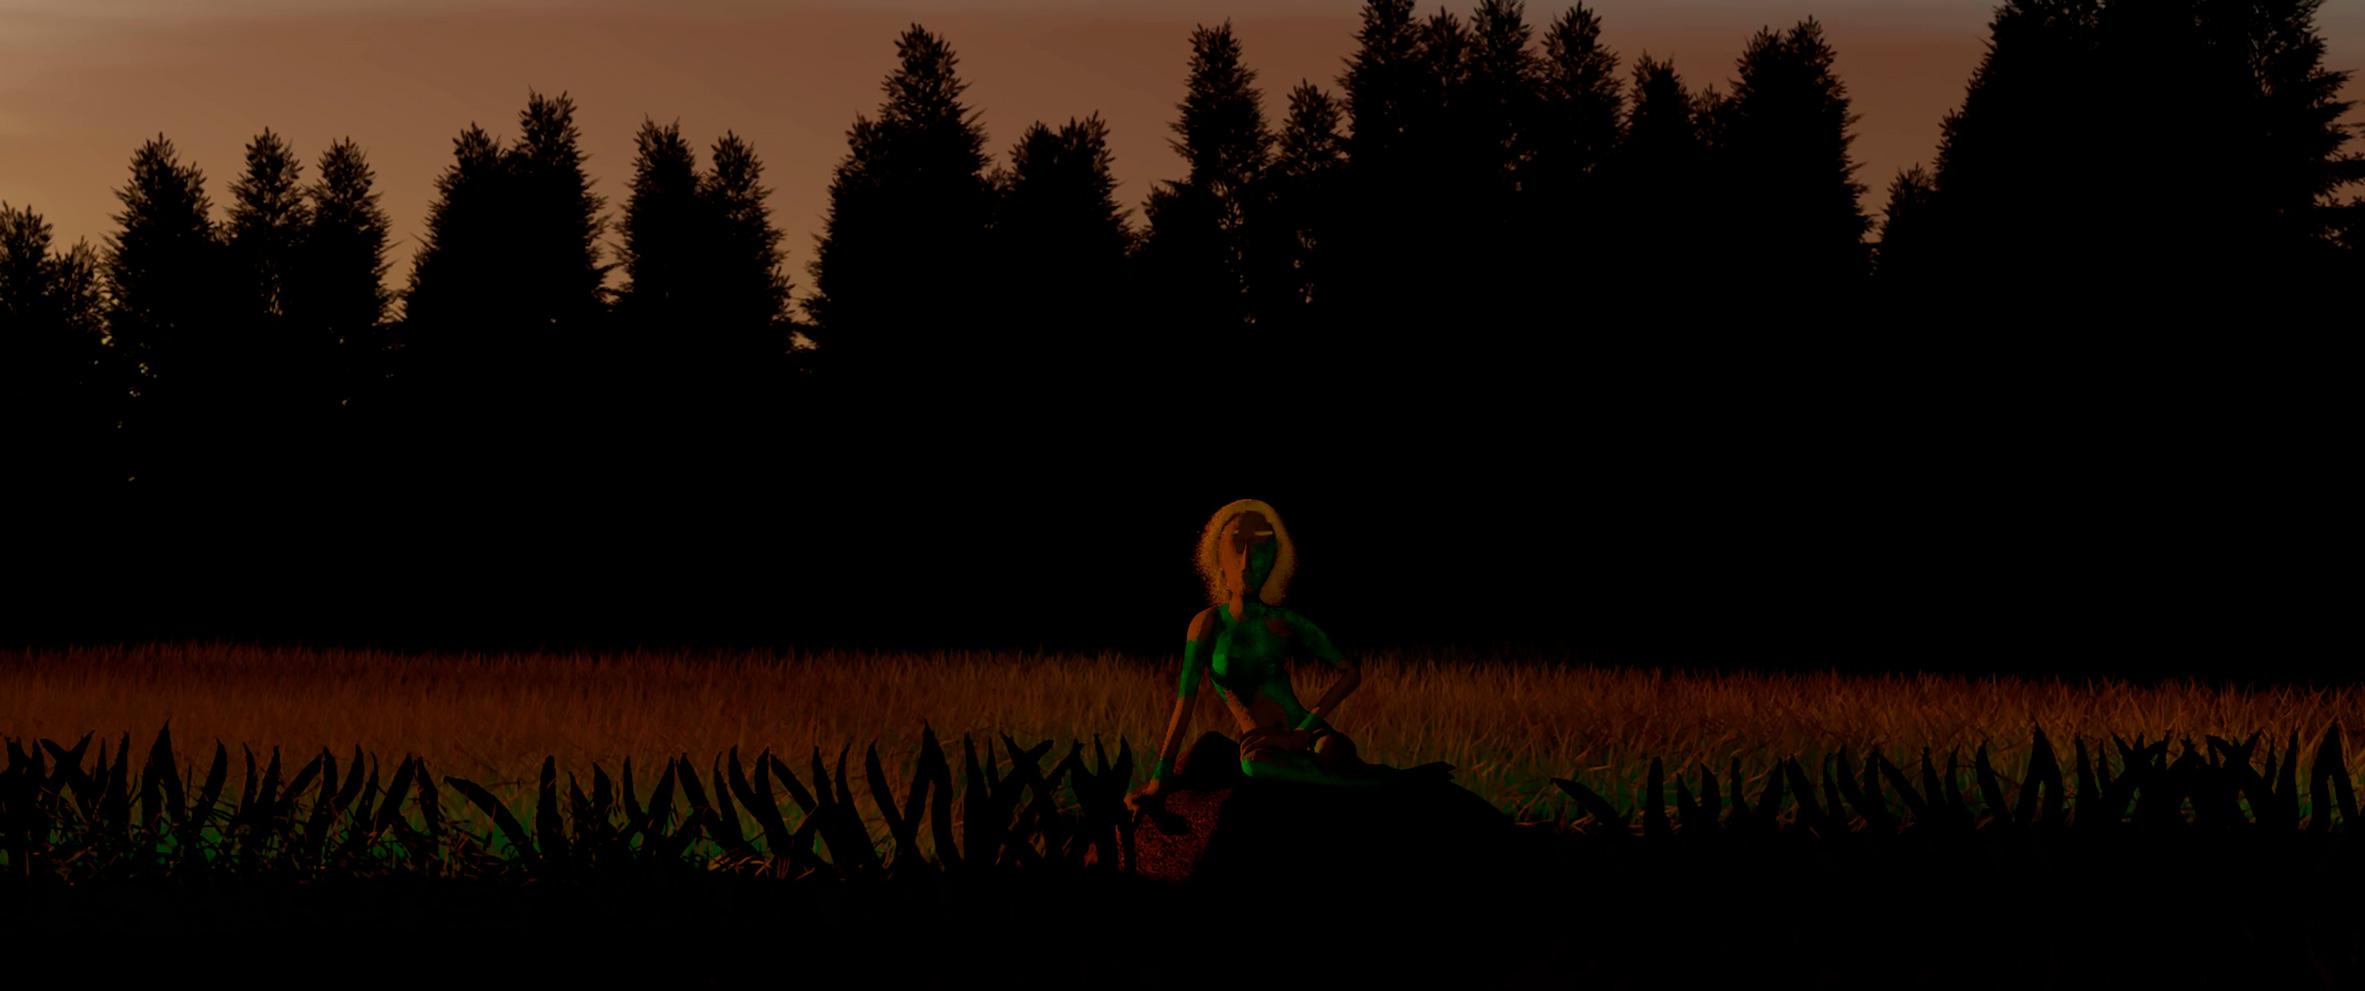 Kadry z filmu animowanego